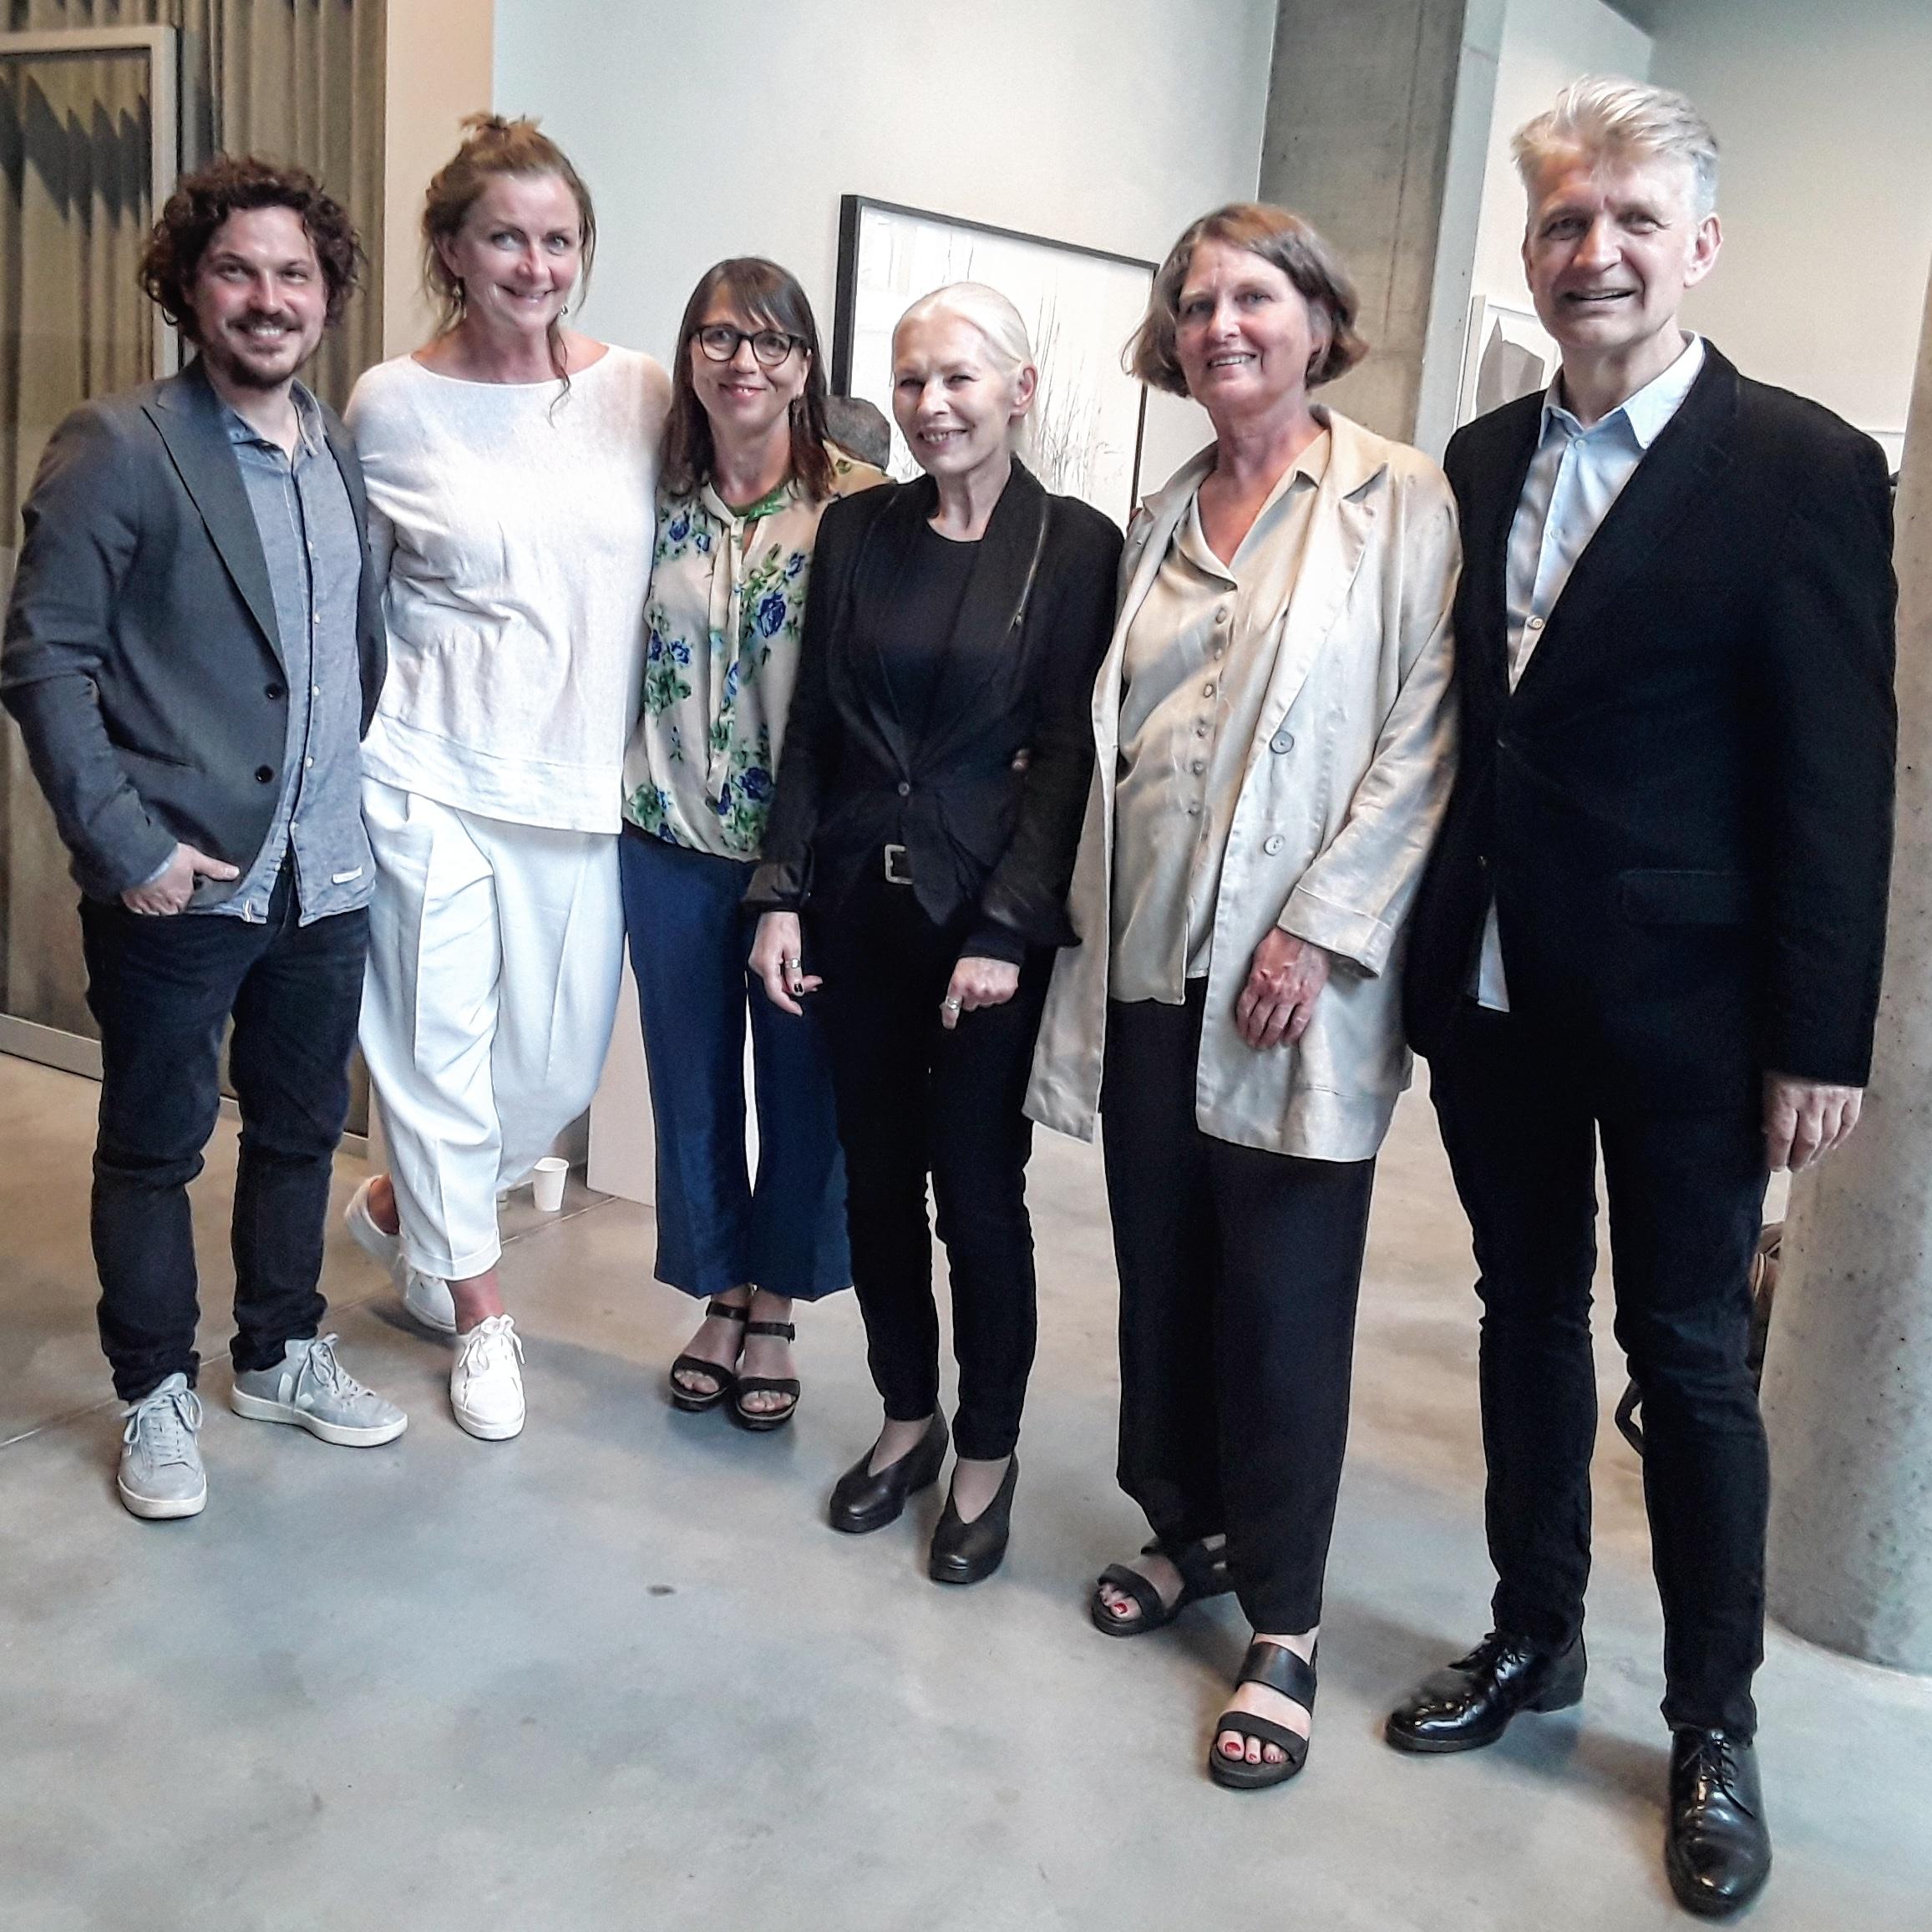 Frederik K.B., Astrid Hilde Semmingsen, Tone Myskja, Danuta Haremska, Line With og Johs. Bøe på åpningen